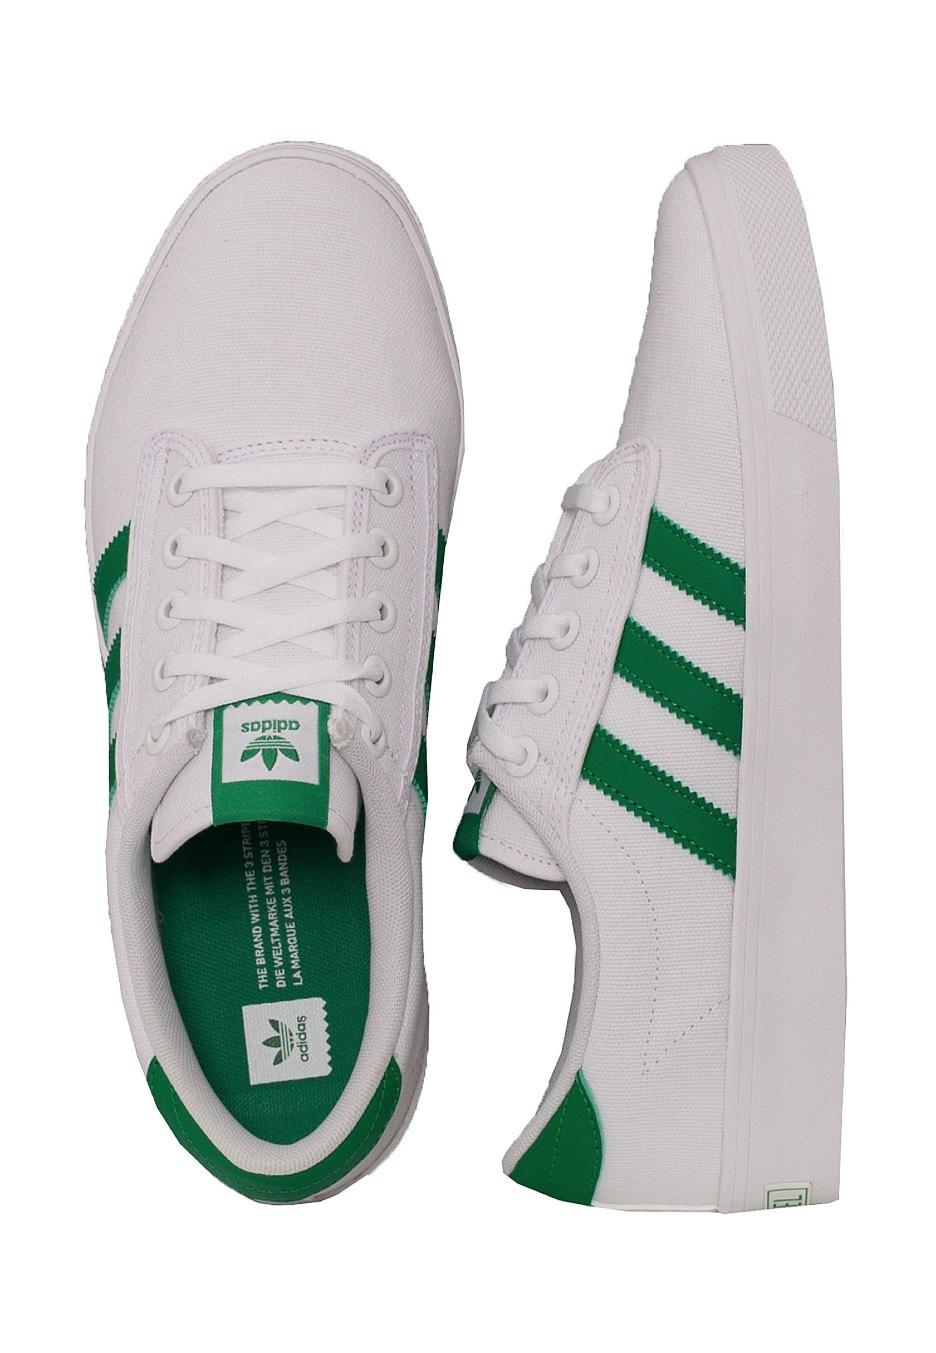 Adidas Kiel Ftw White/Green/Ftw White/Green/Ftw White/Green/Ftw White Shoes ddf8de